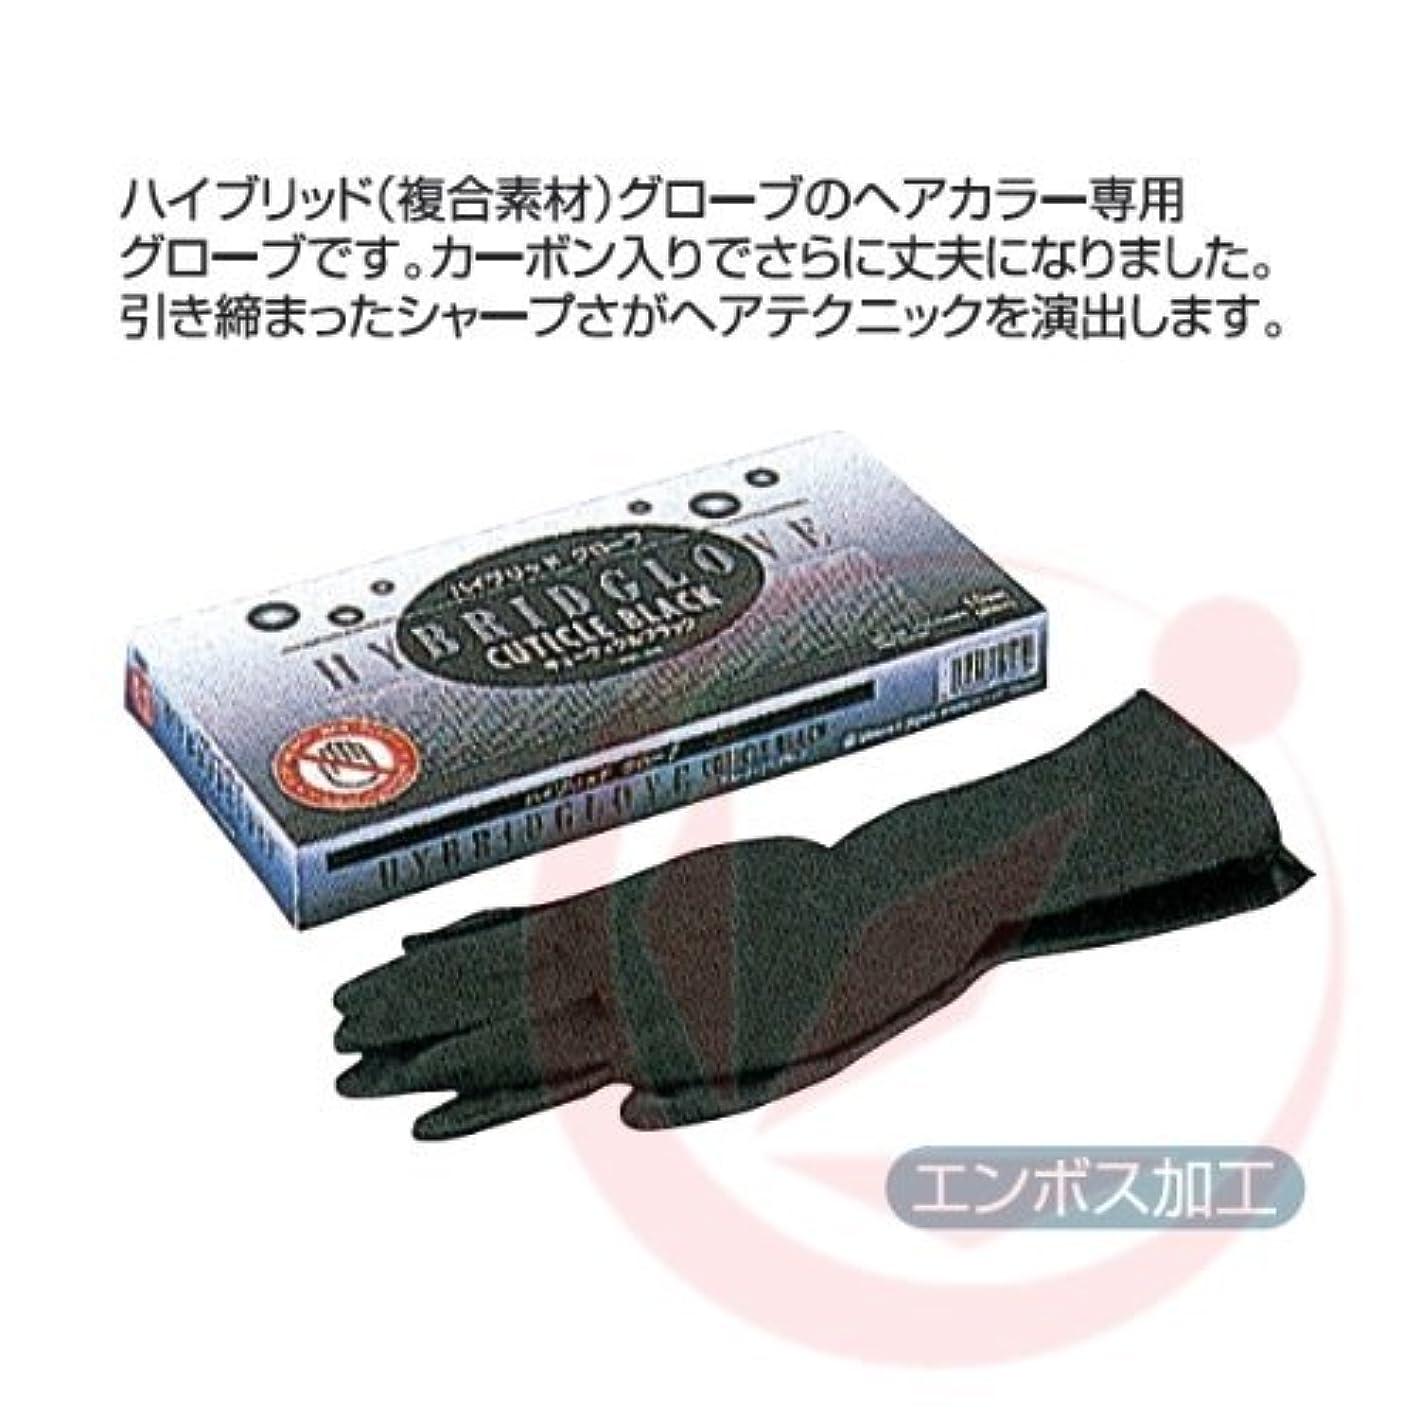 眠り共役コンパクトハイブリッドグローブ キューティクルグラック SS 10set(20枚入) 6個セット